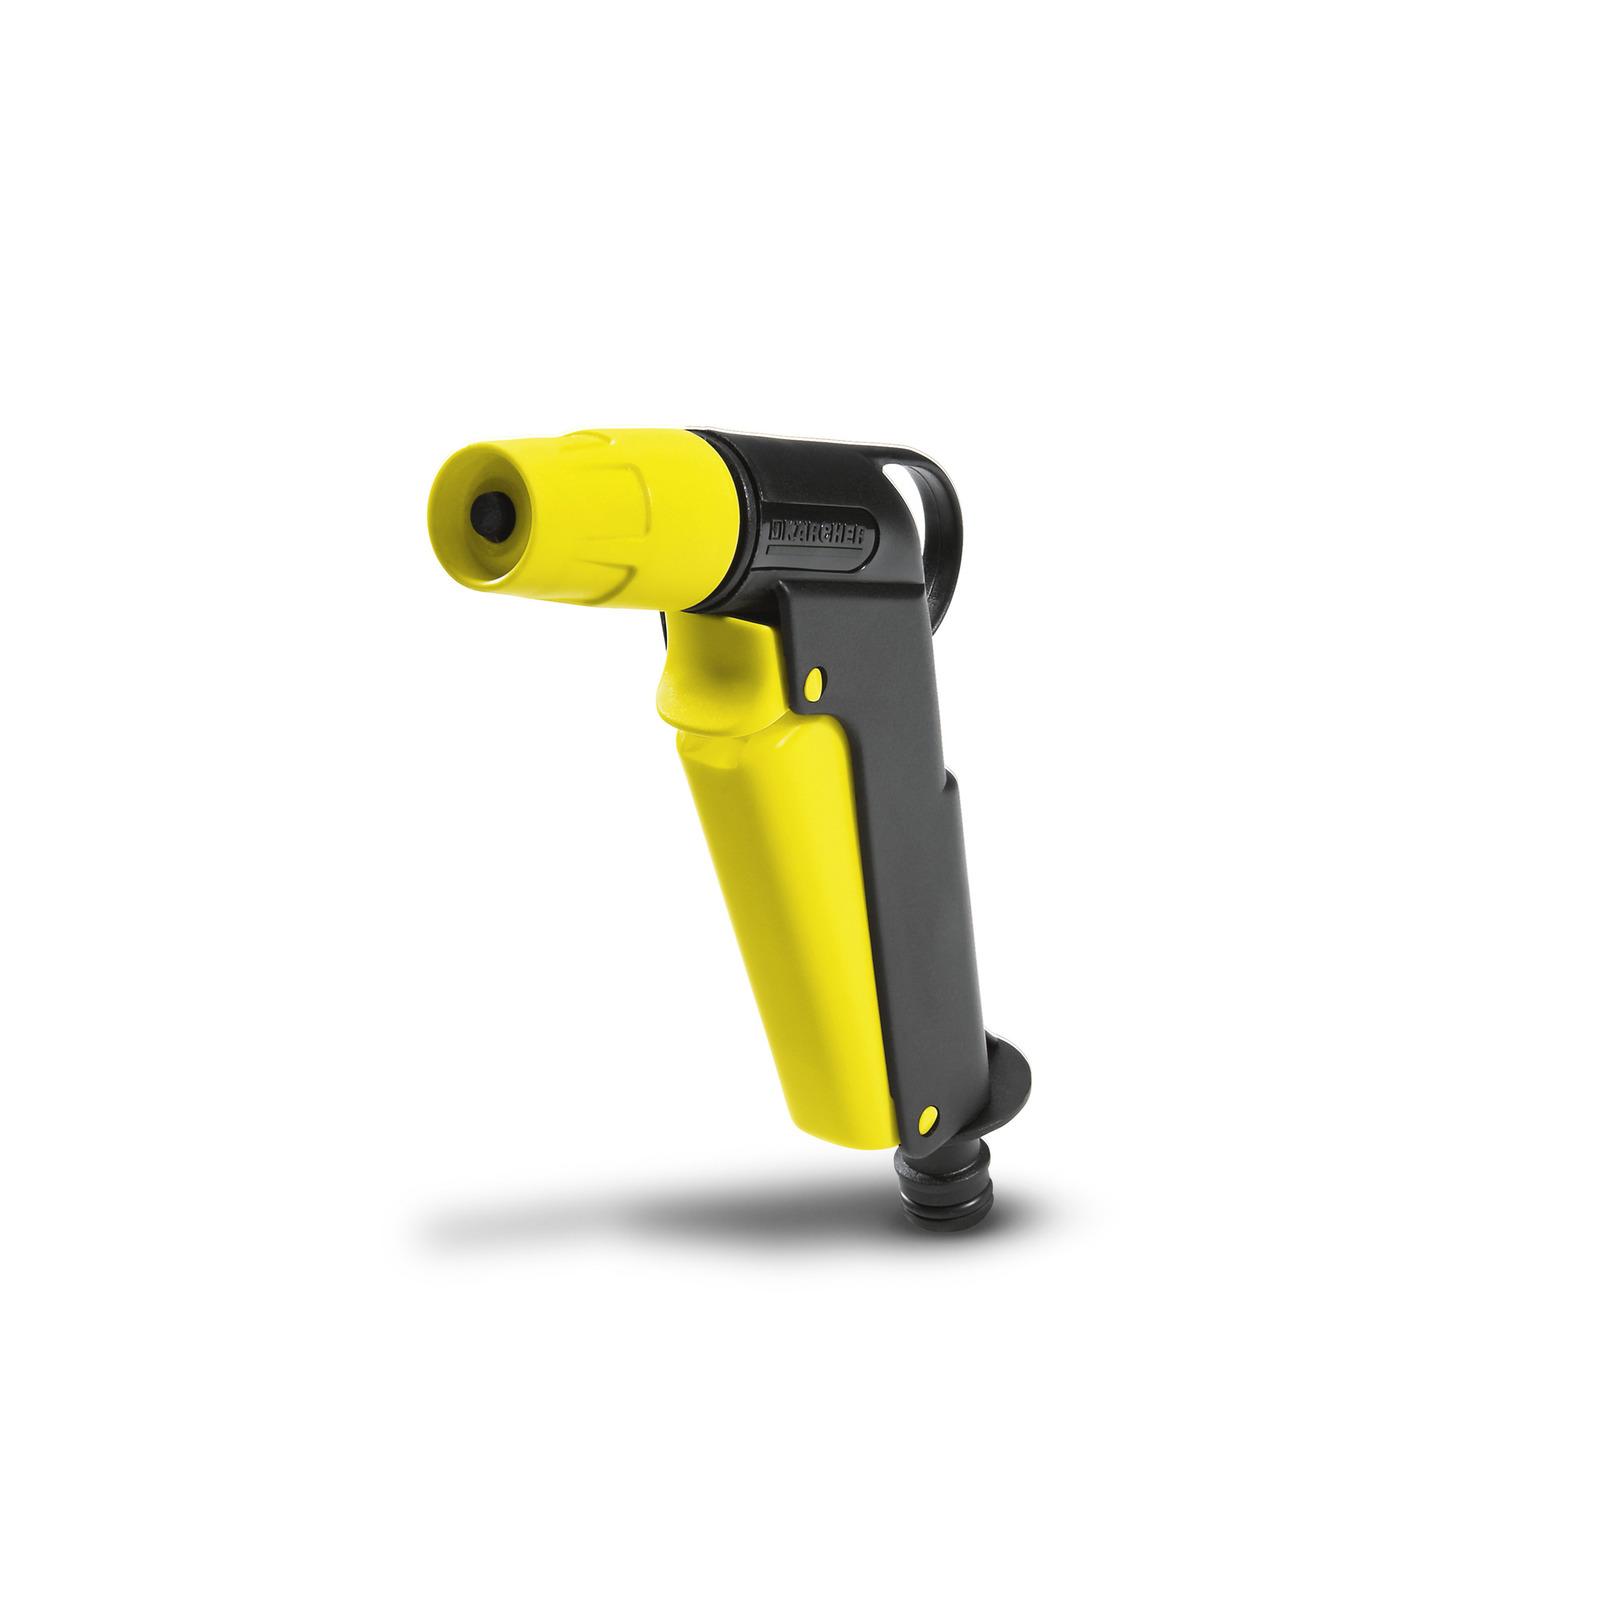 Spritzpistole Mit Etikett Karcher